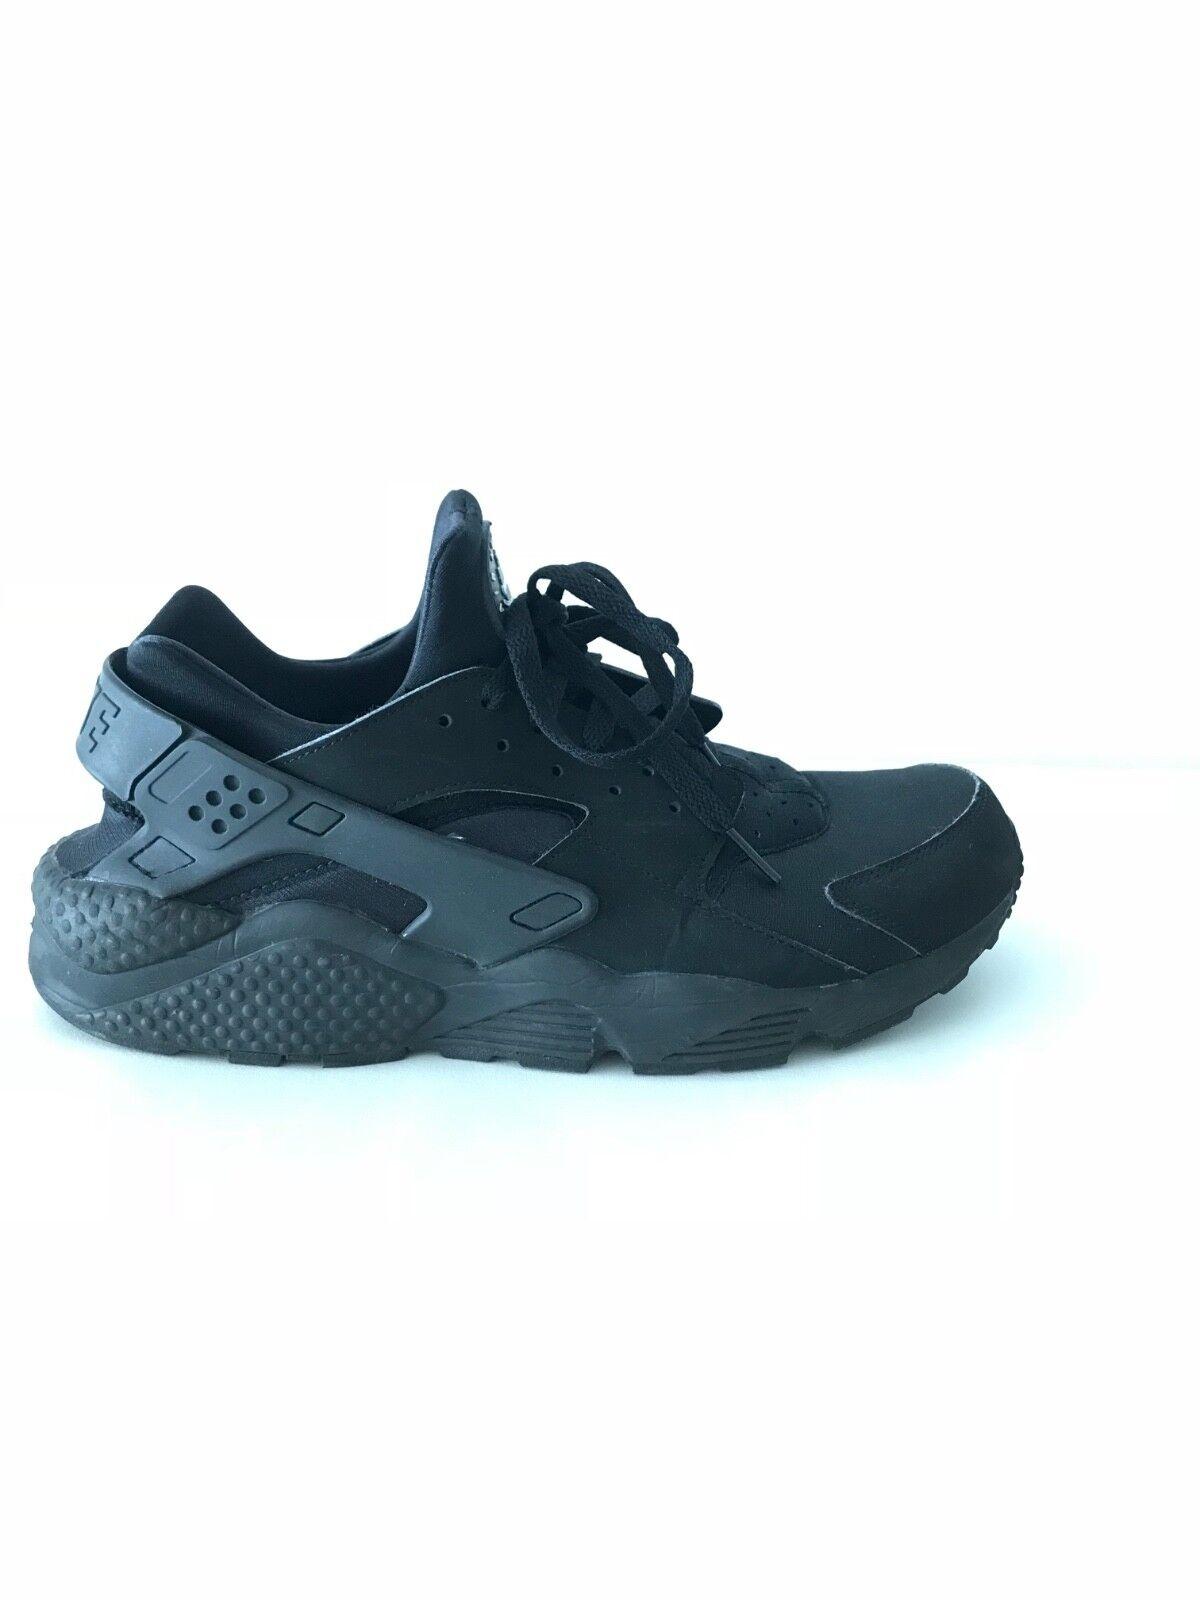 Men's Nike All Black Huarache 11.5 11.5 11.5 271143